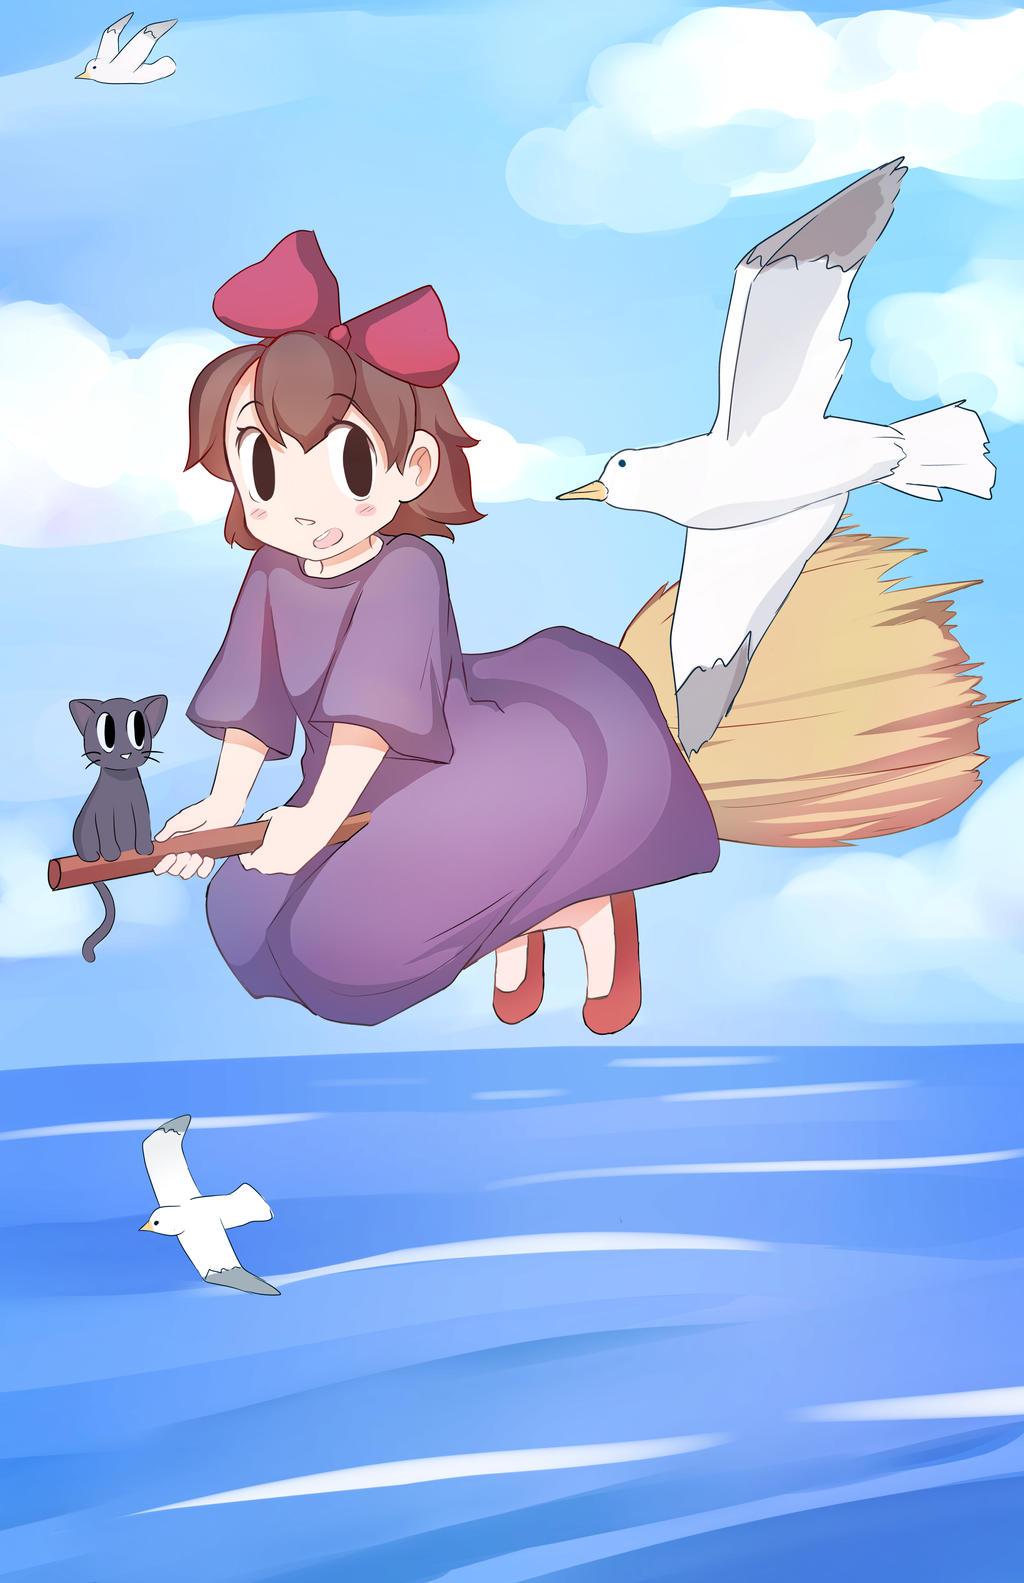 Kiki by Nokami-san